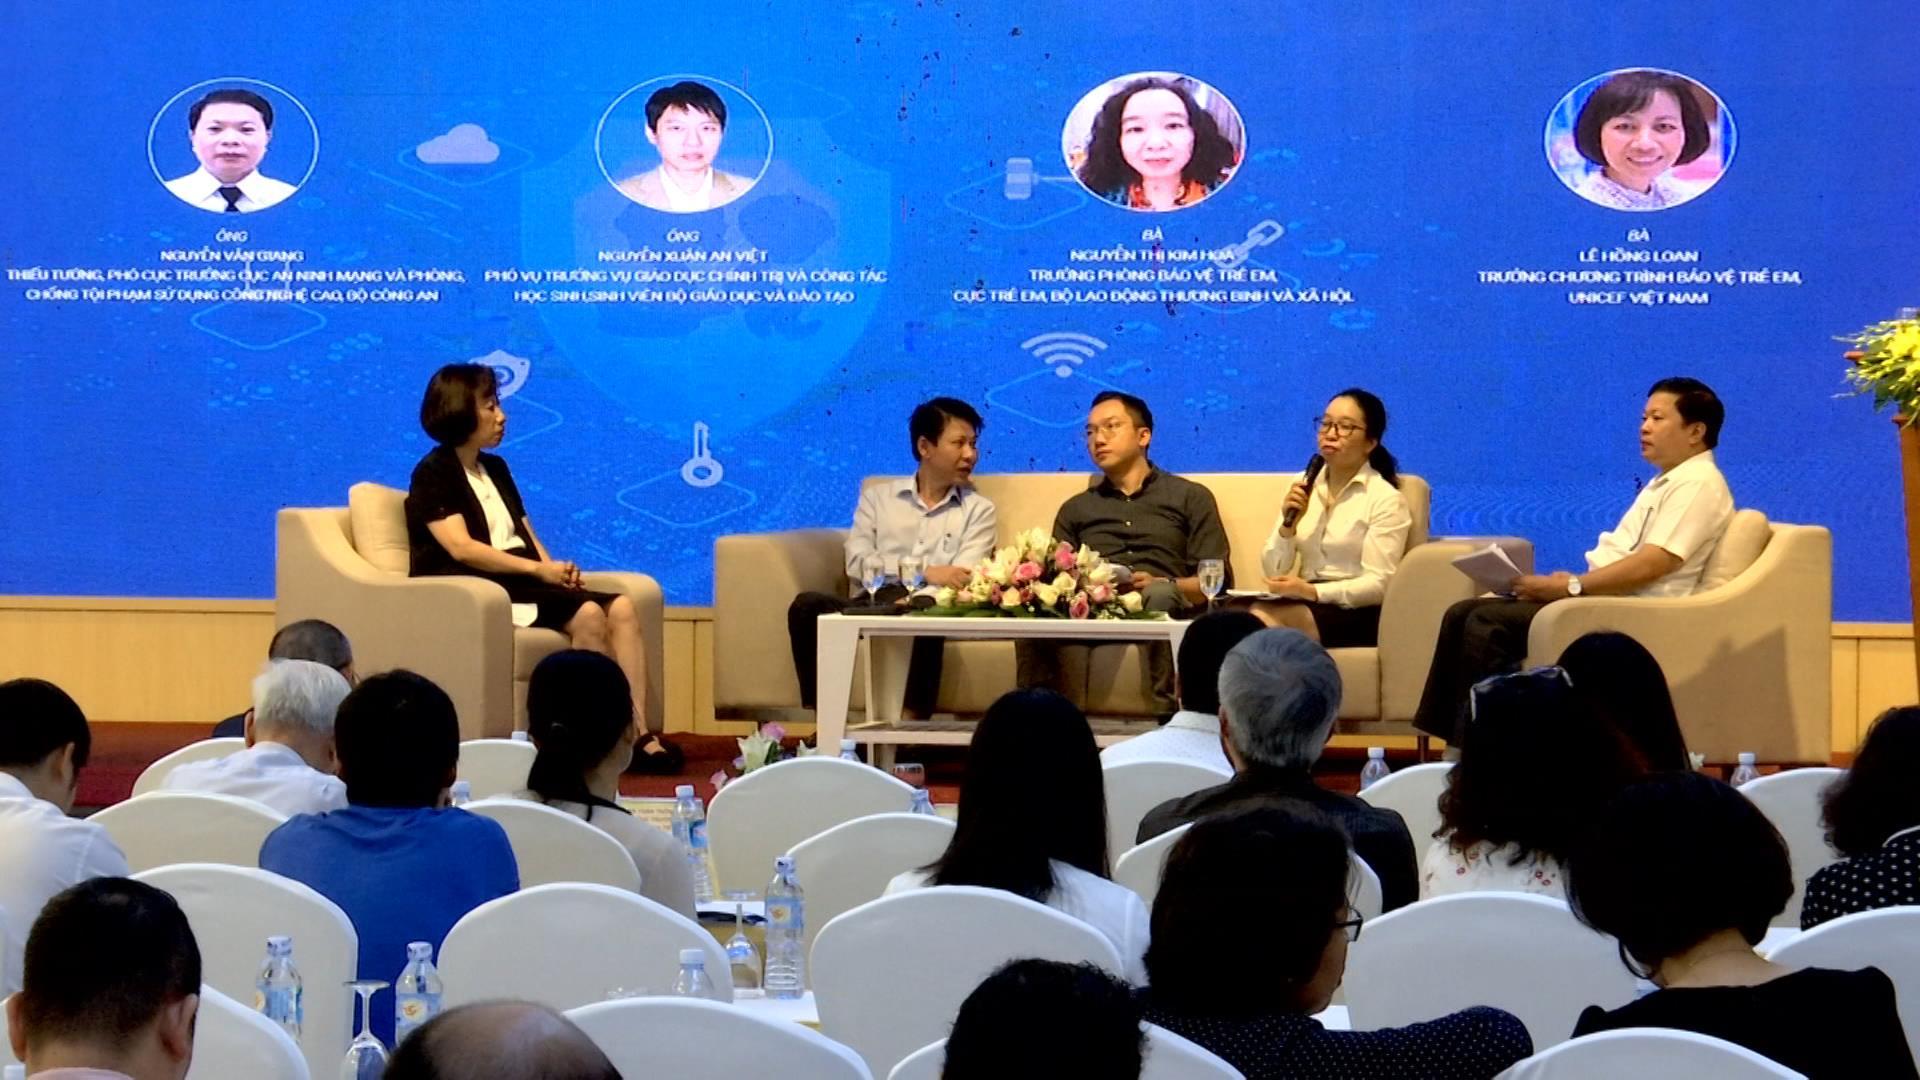 """Hội thảo đóng góp ý kiến xây dựng Đề án """"Bảo vệ và hỗ trợ trẻ em tương tác lành mạnh, sáng tạo trên môi trường mạng"""" giai đoạn 2020-2025"""